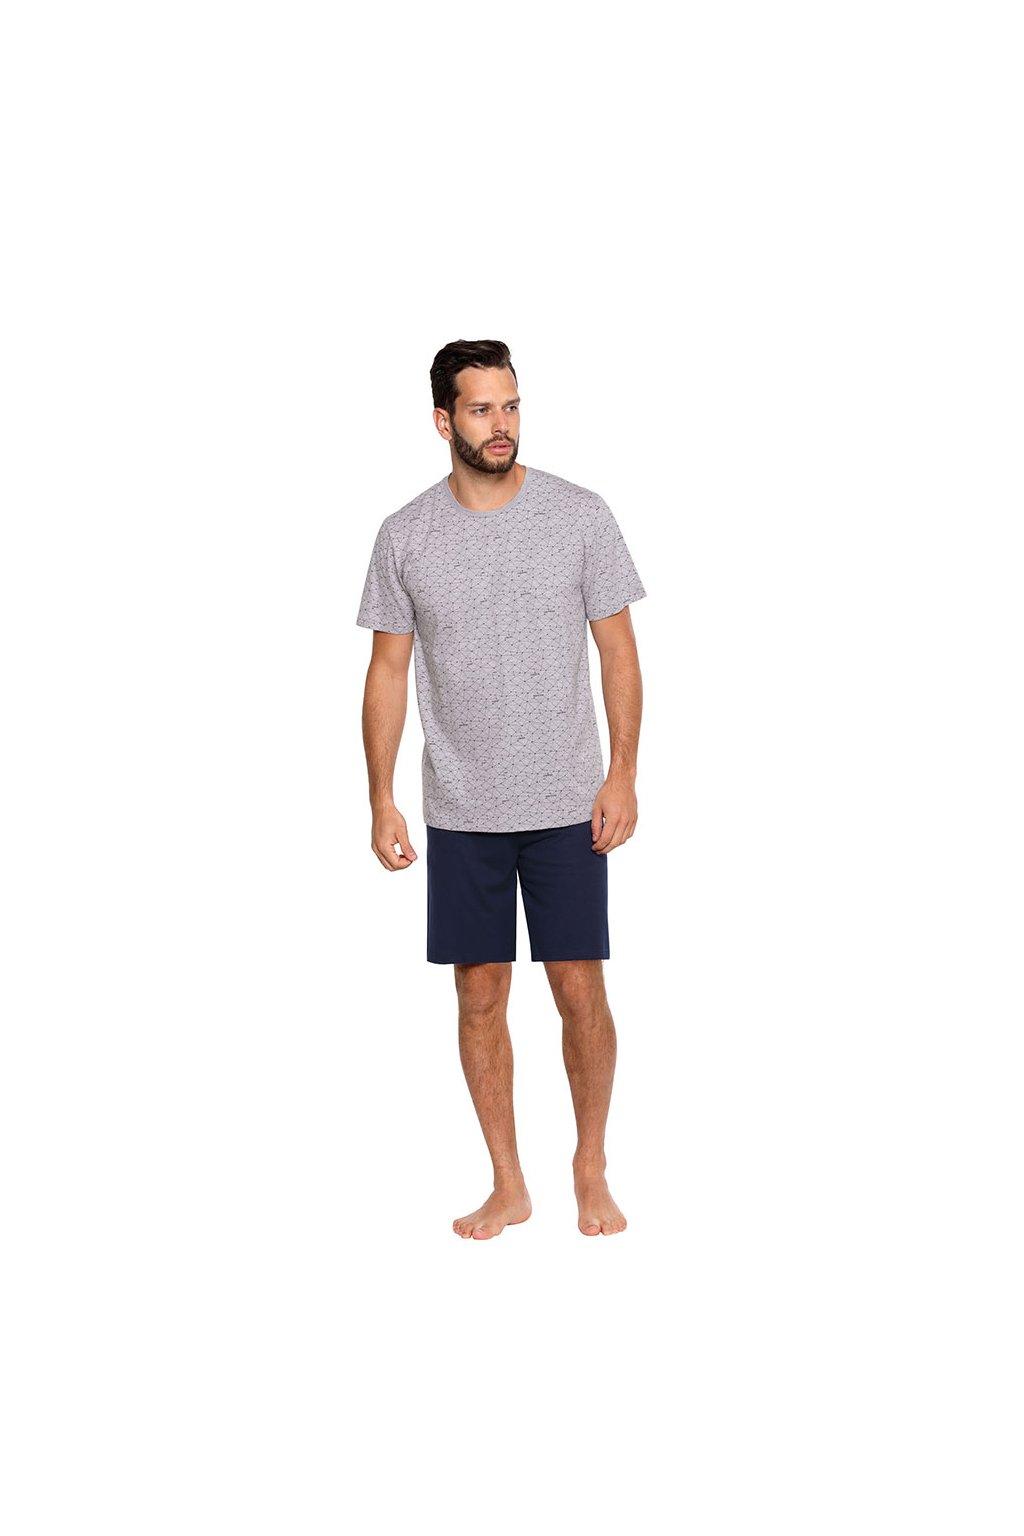 Pánské pyžamo s krátkým rukávem, 204118 30, šedá